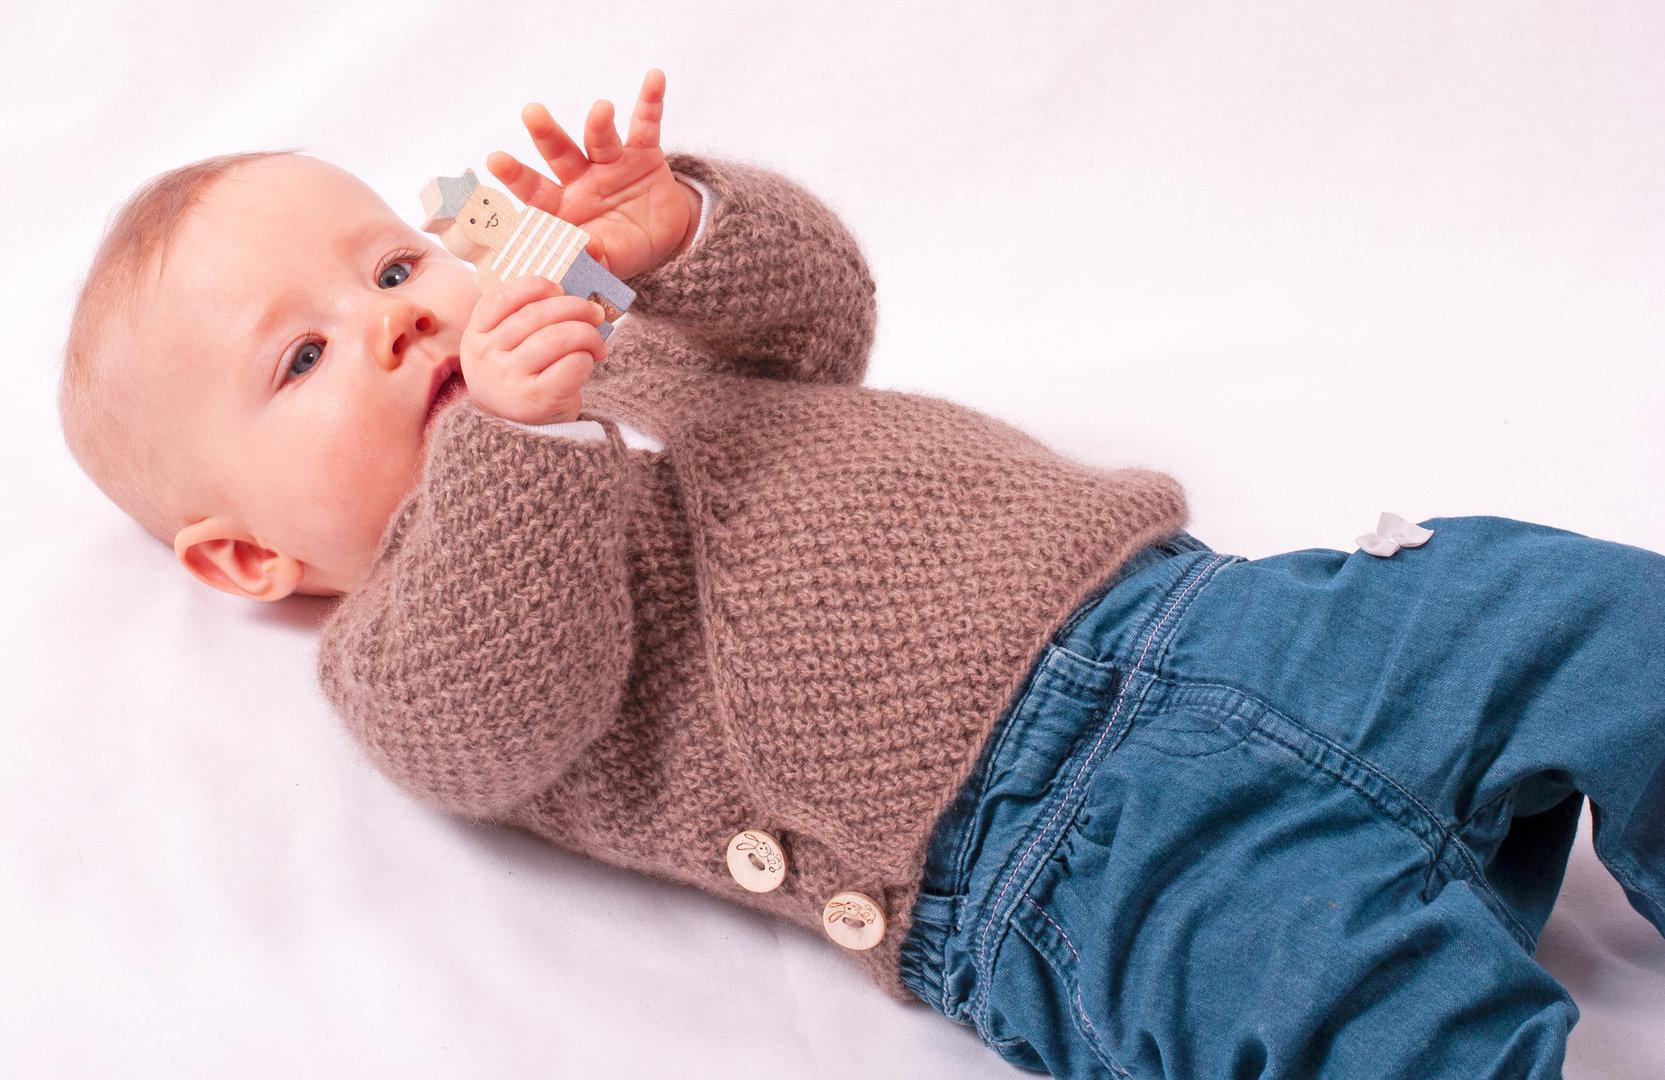 Strickanleitung Wickeljacke Sterntaler für Babys von 0-6 Monaten